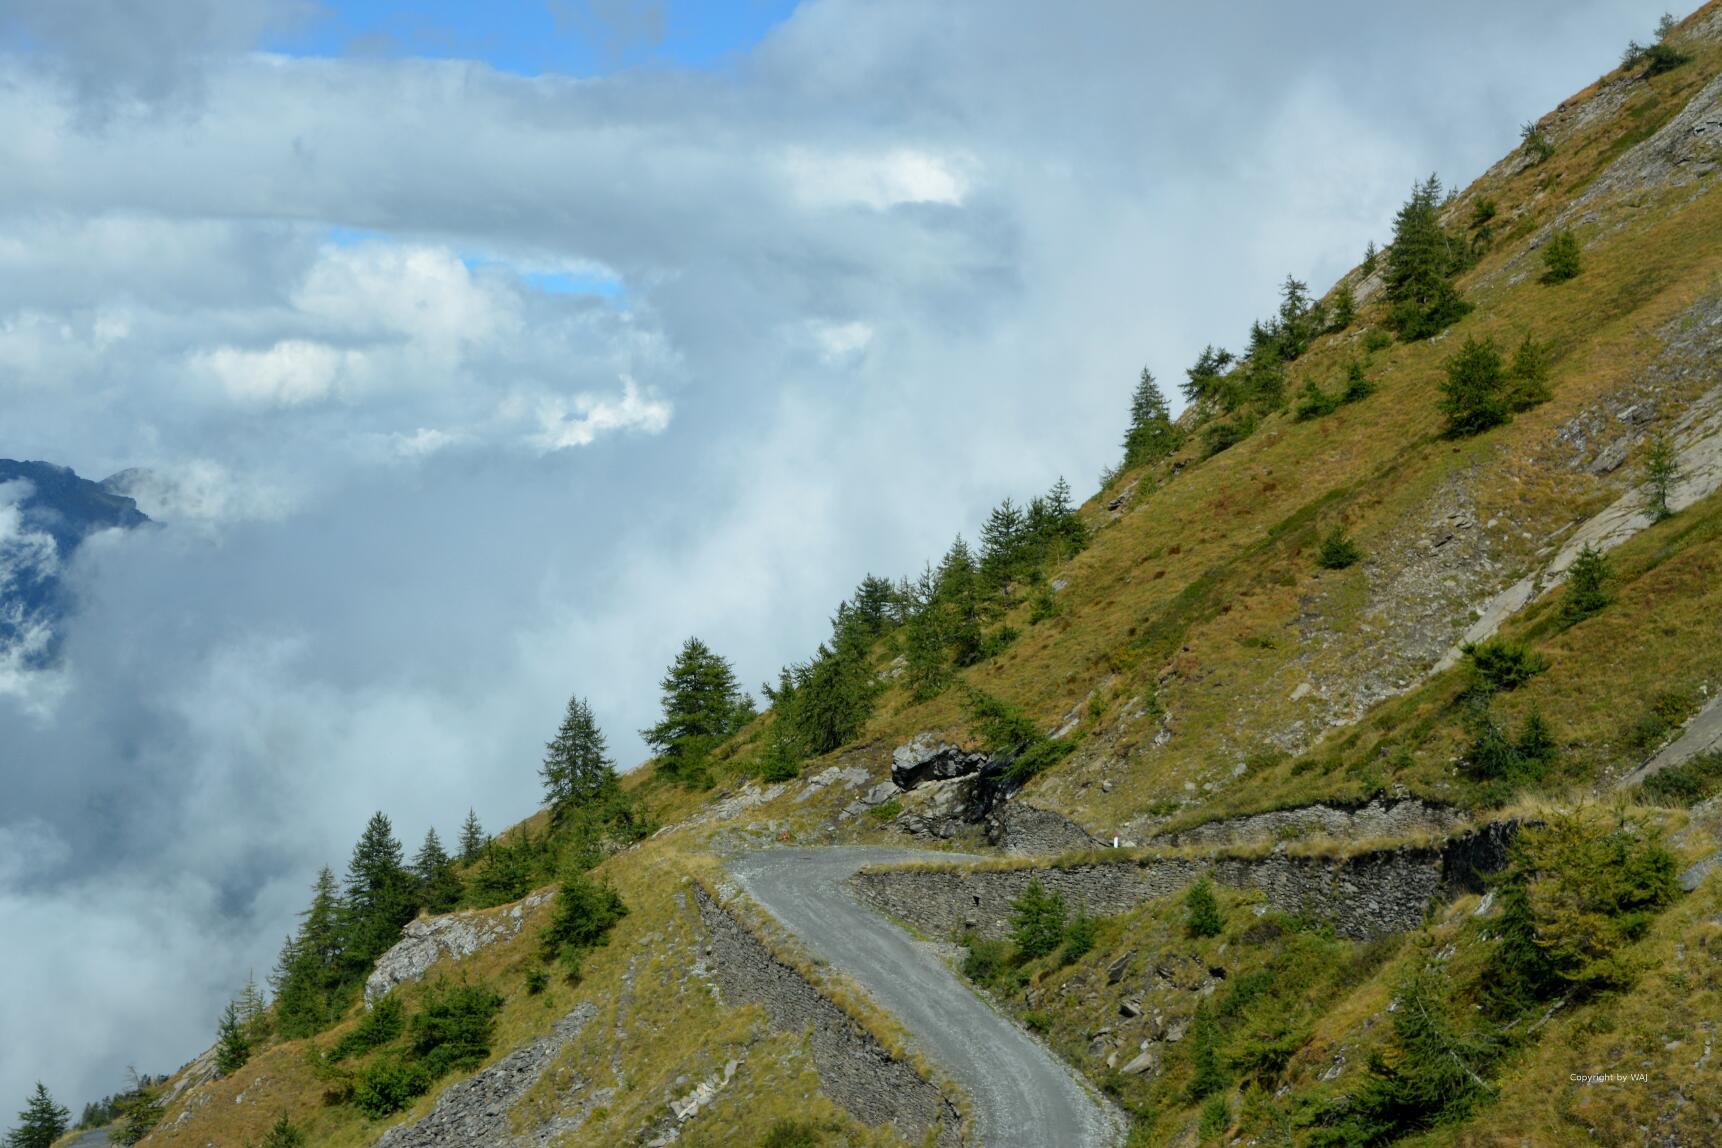 Richtung Colle dellAssietta ziehen Wolken auf...